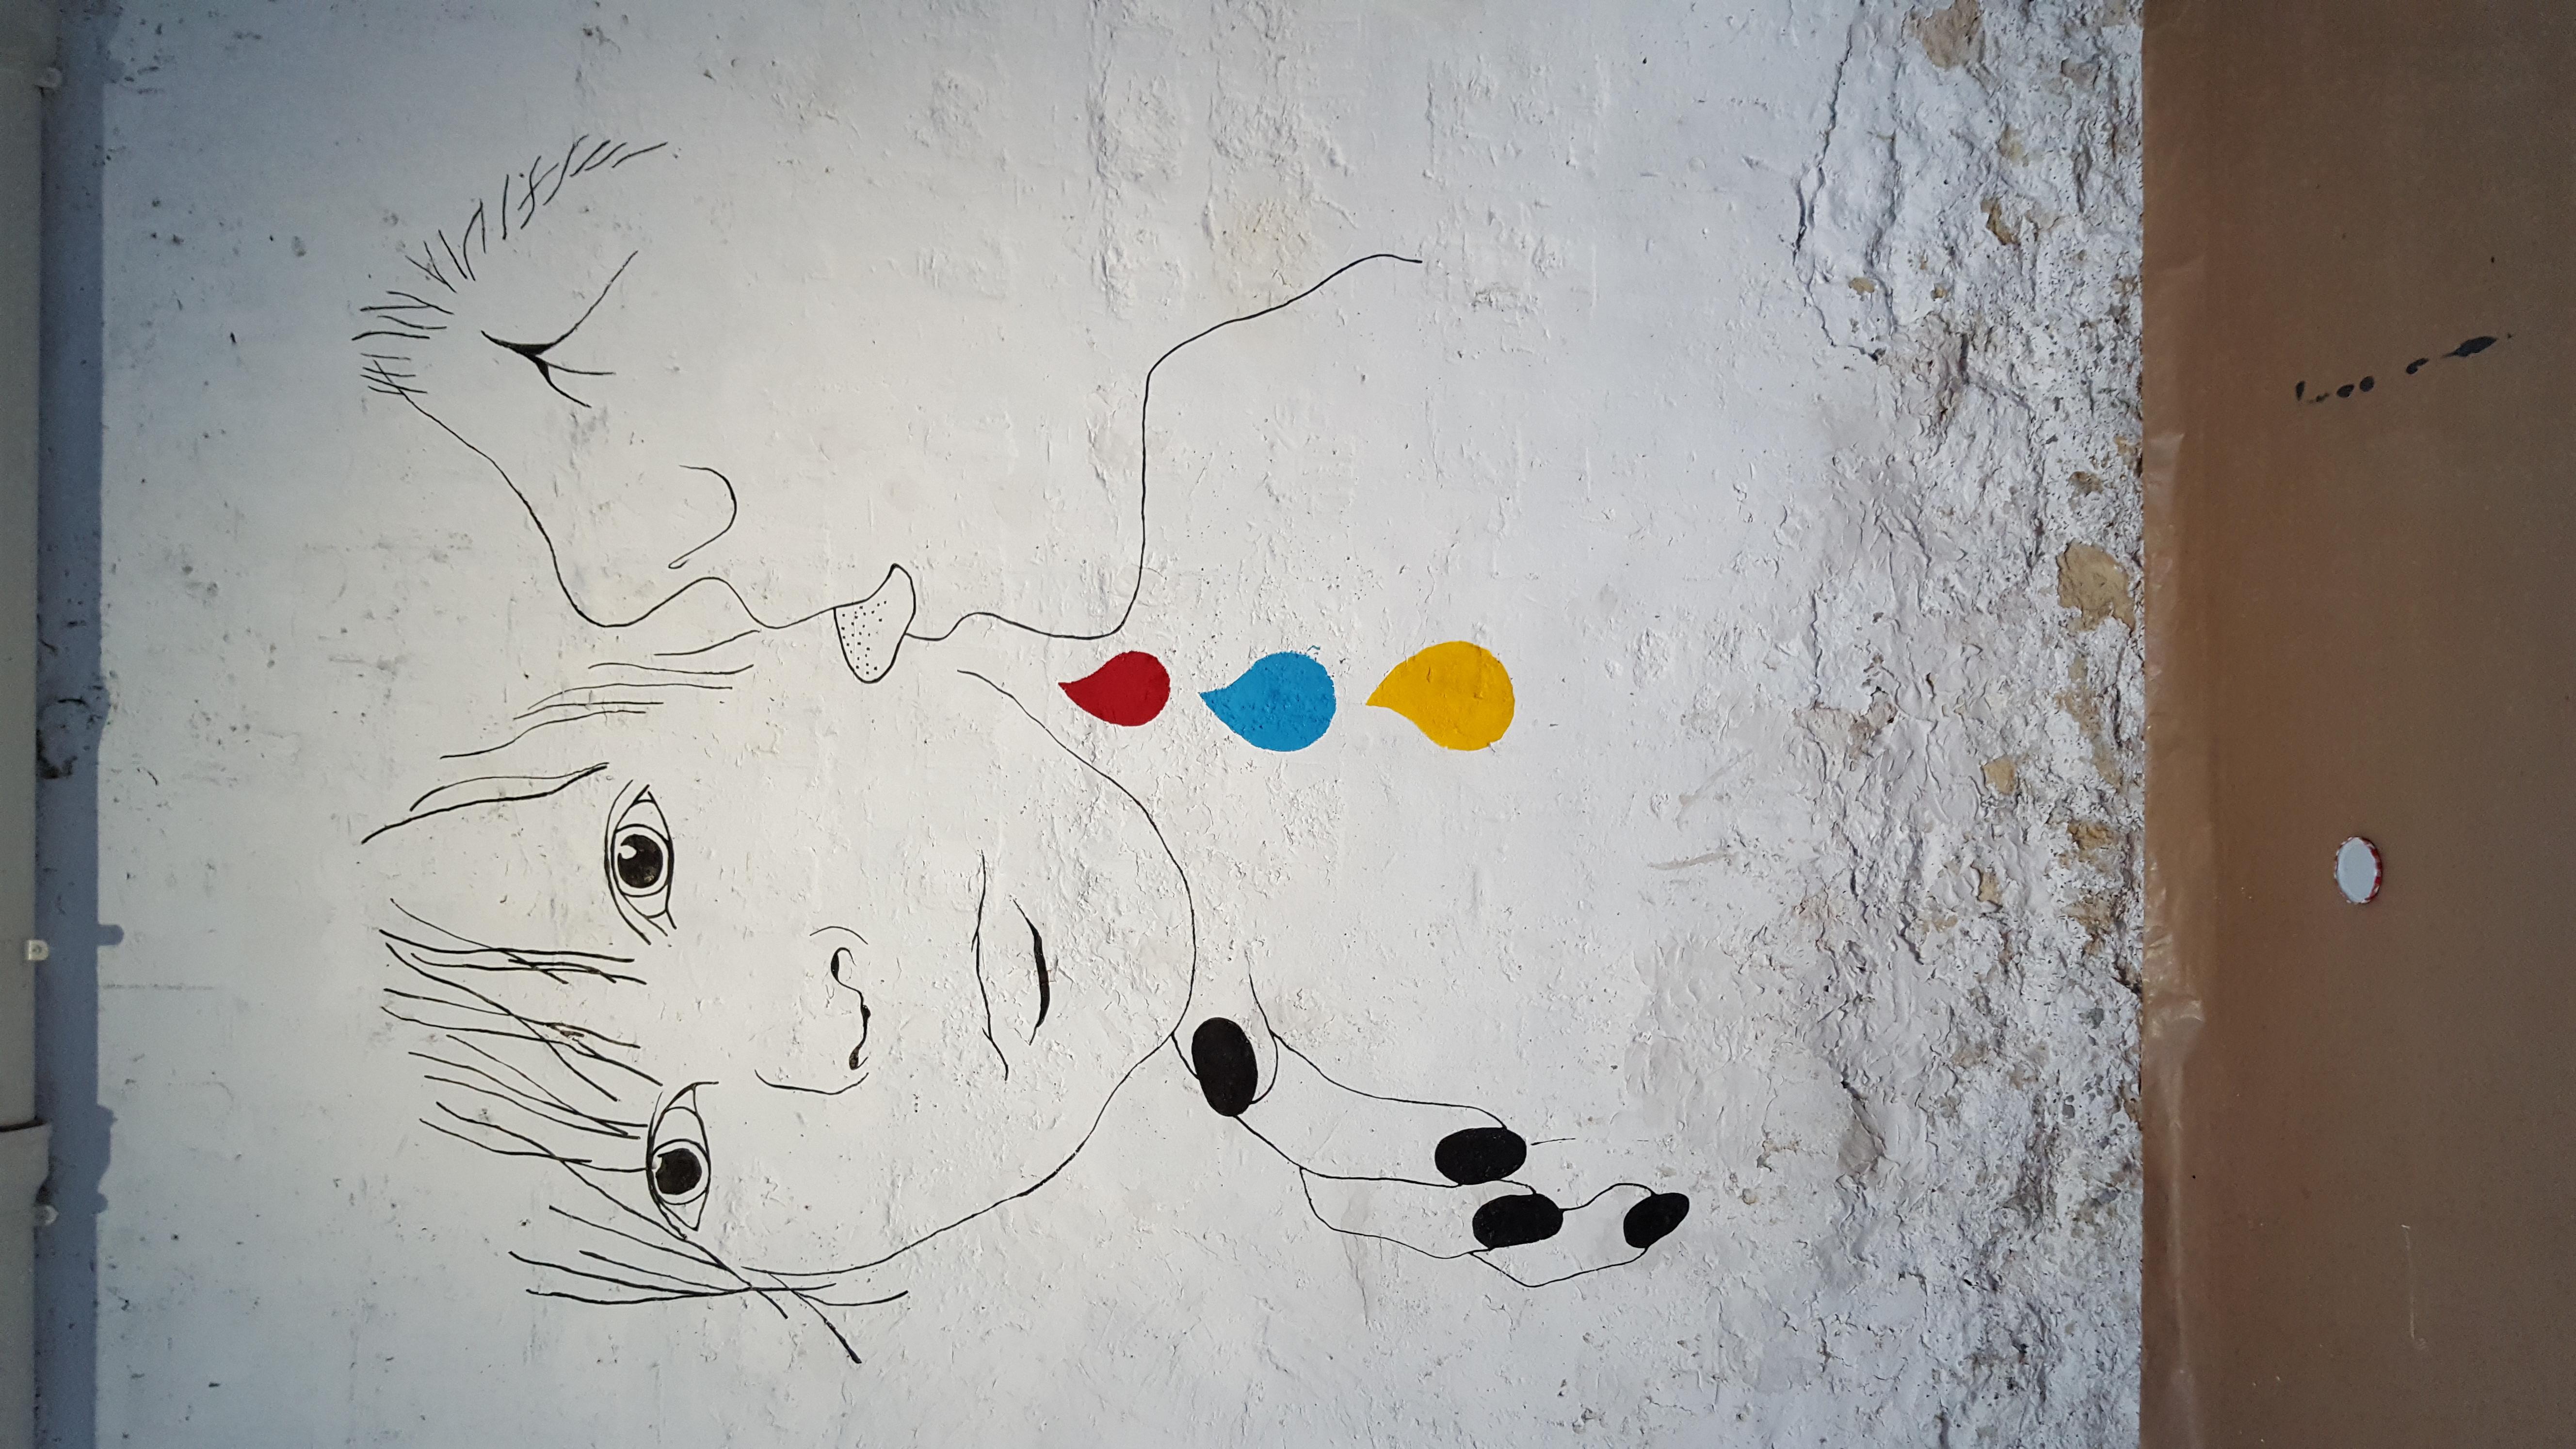 Le goût des Autres - wall drawing